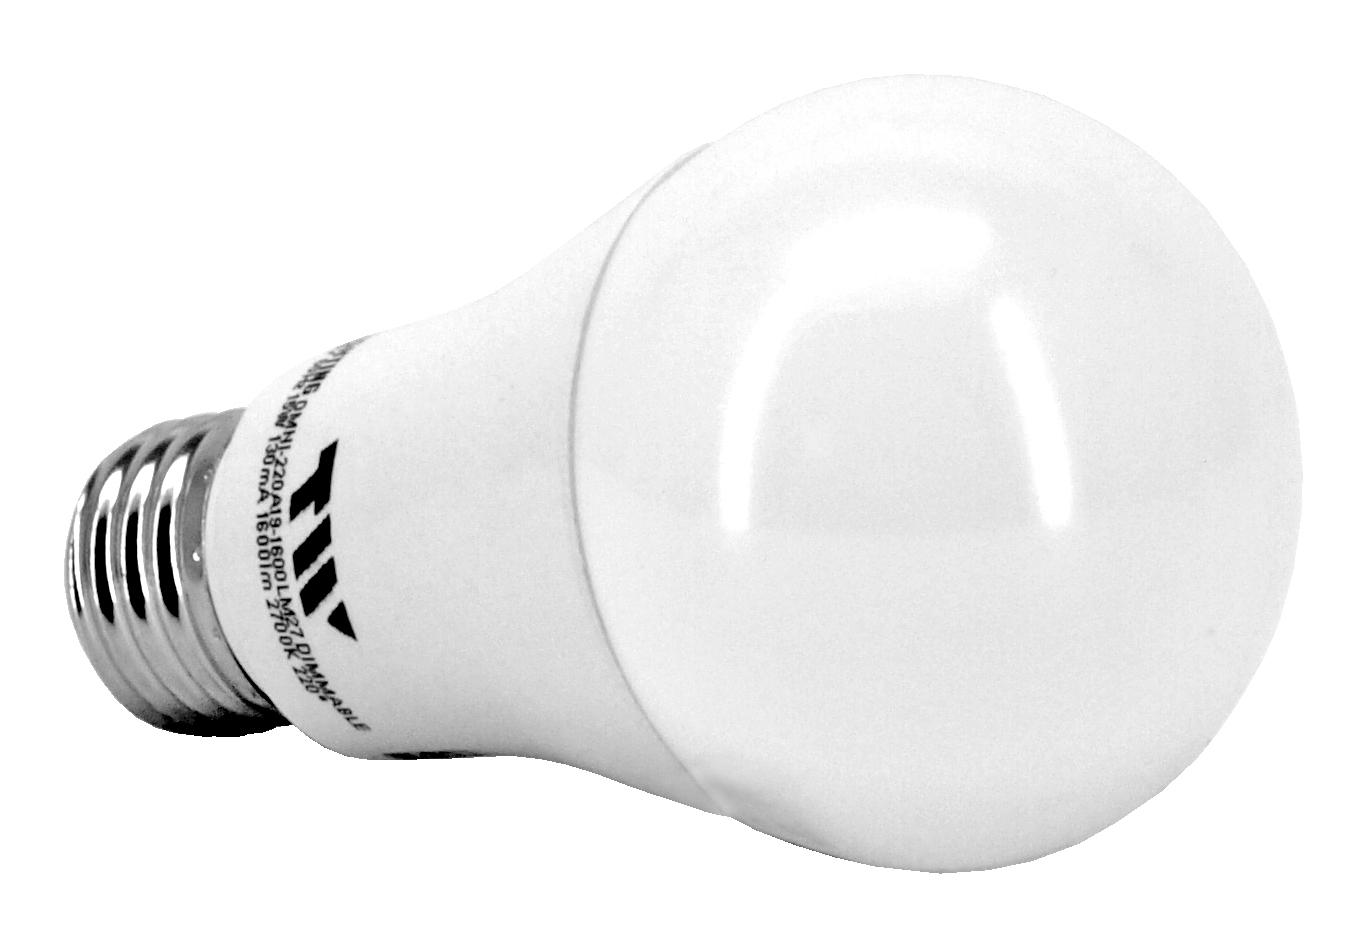 A19 LED Light Bulb - 1600 Lumens - 2700k - TW Lighting